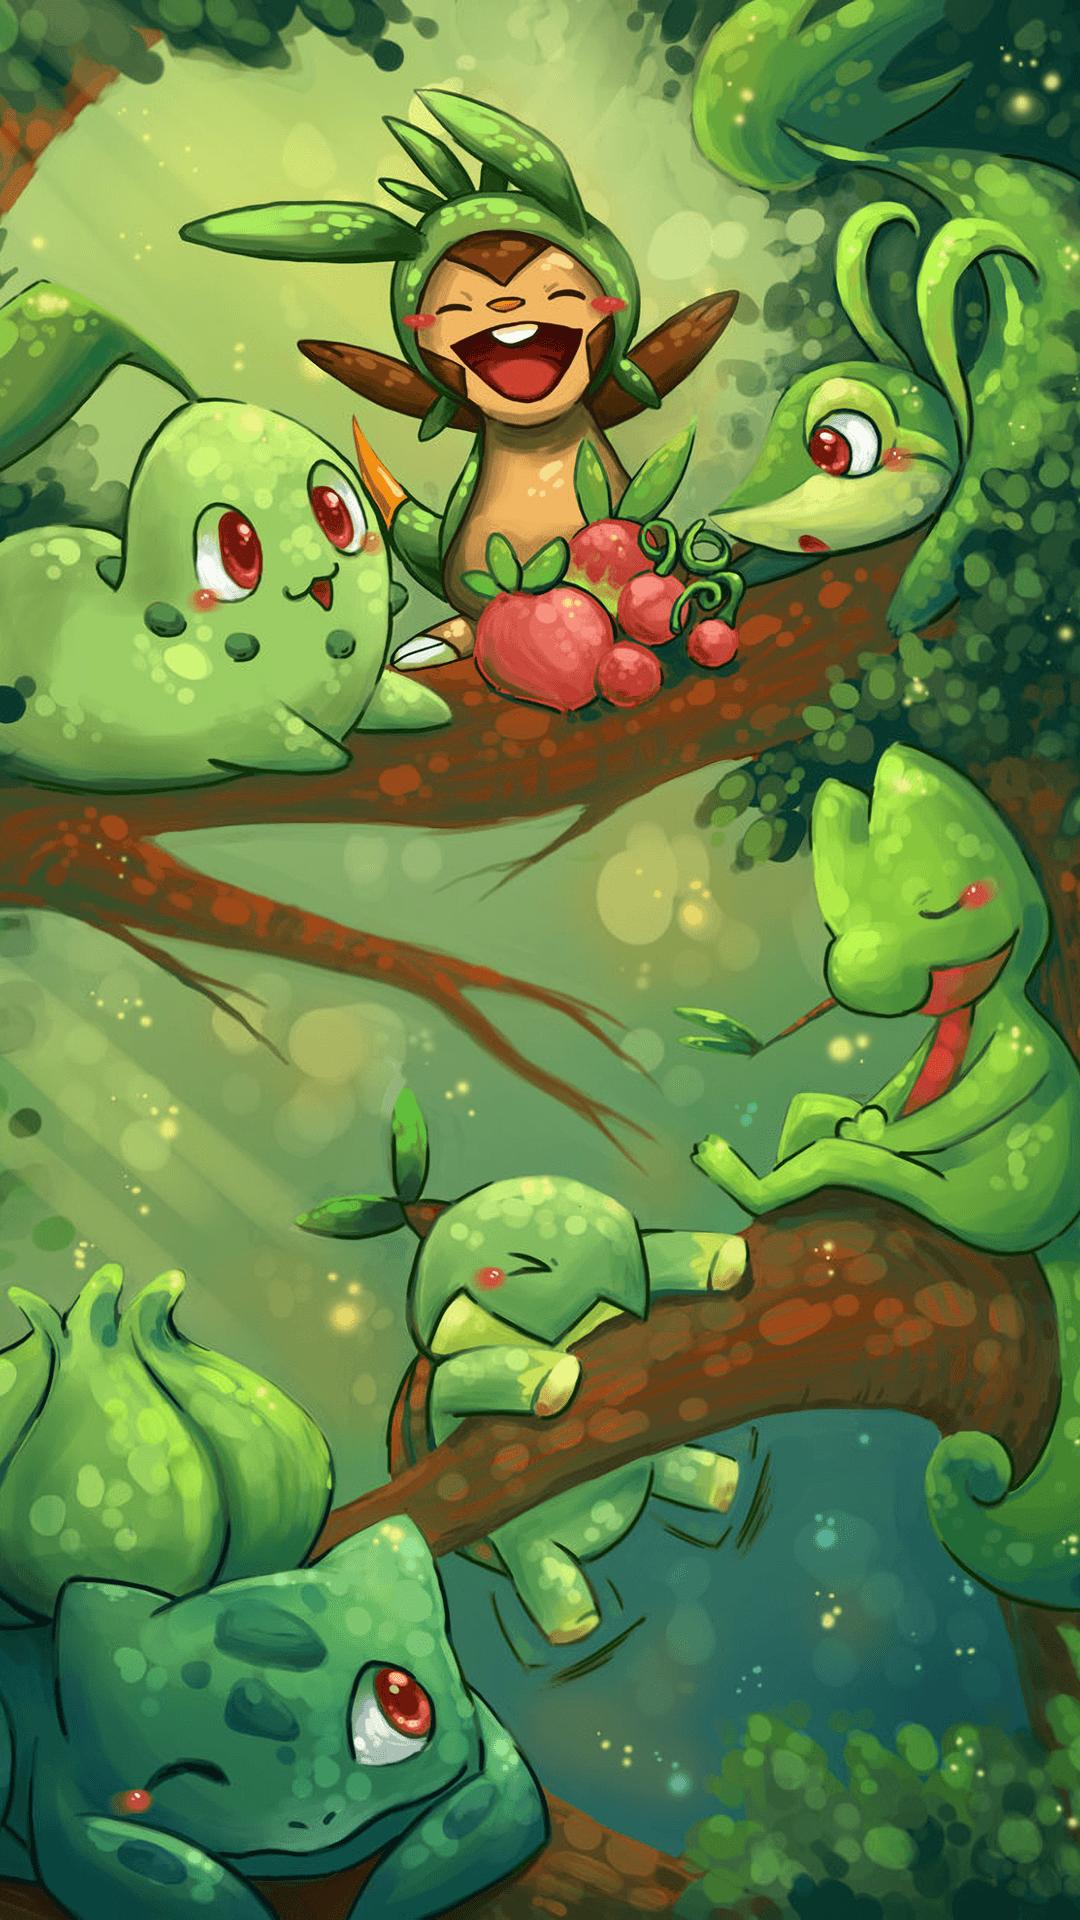 Pokemon Starters Wallpapers - Wallpaper Cave |Starter Pokemon Phone Wallpaper